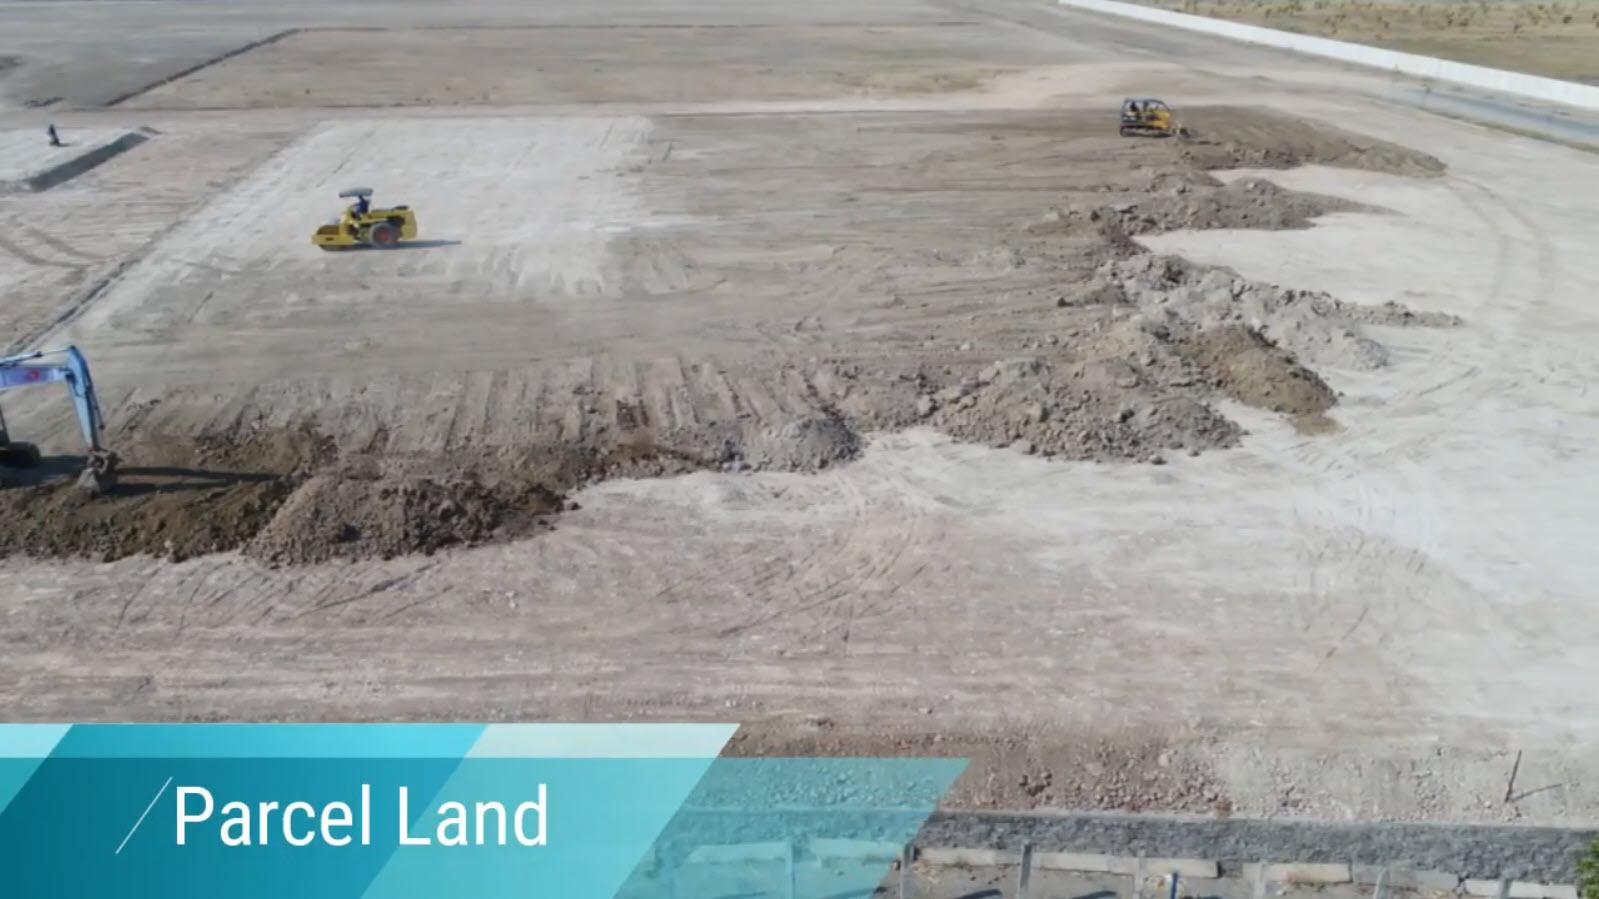 parcel-land